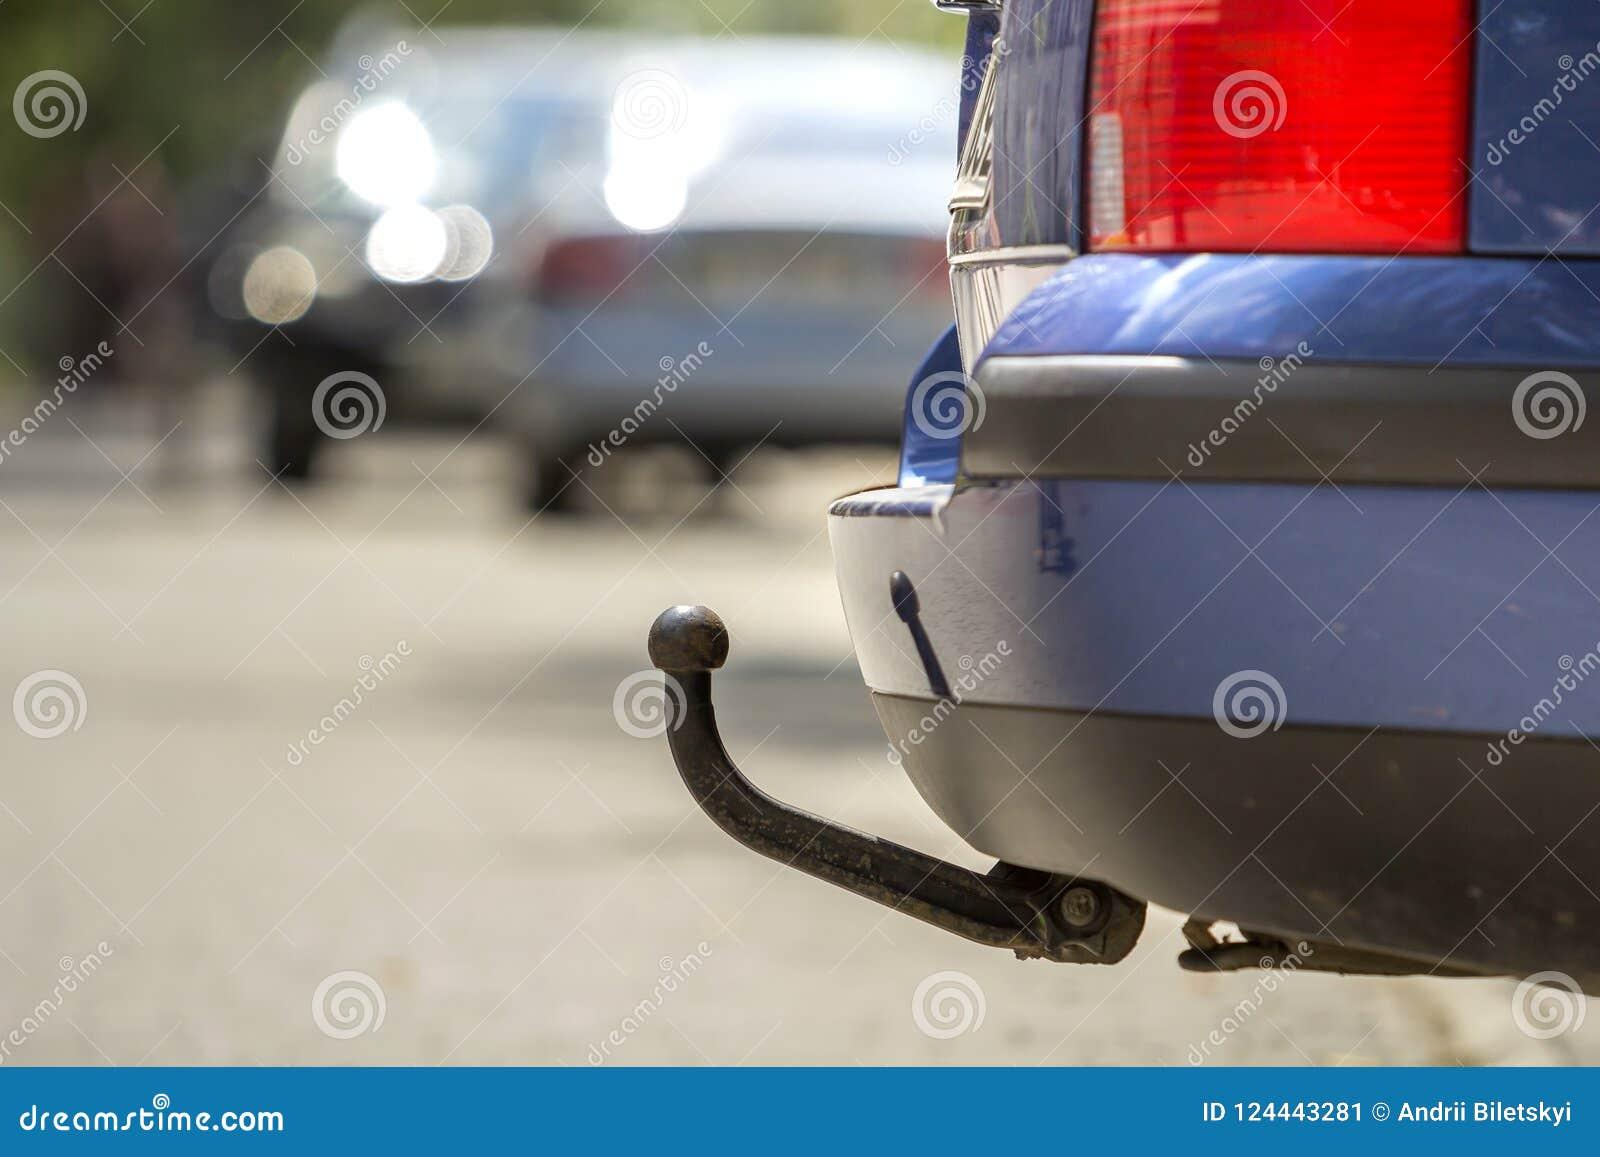 La voiture bleue a garé sur la rue ensoleillée, les lumières rouges d arrêt, crochet pour le dragg